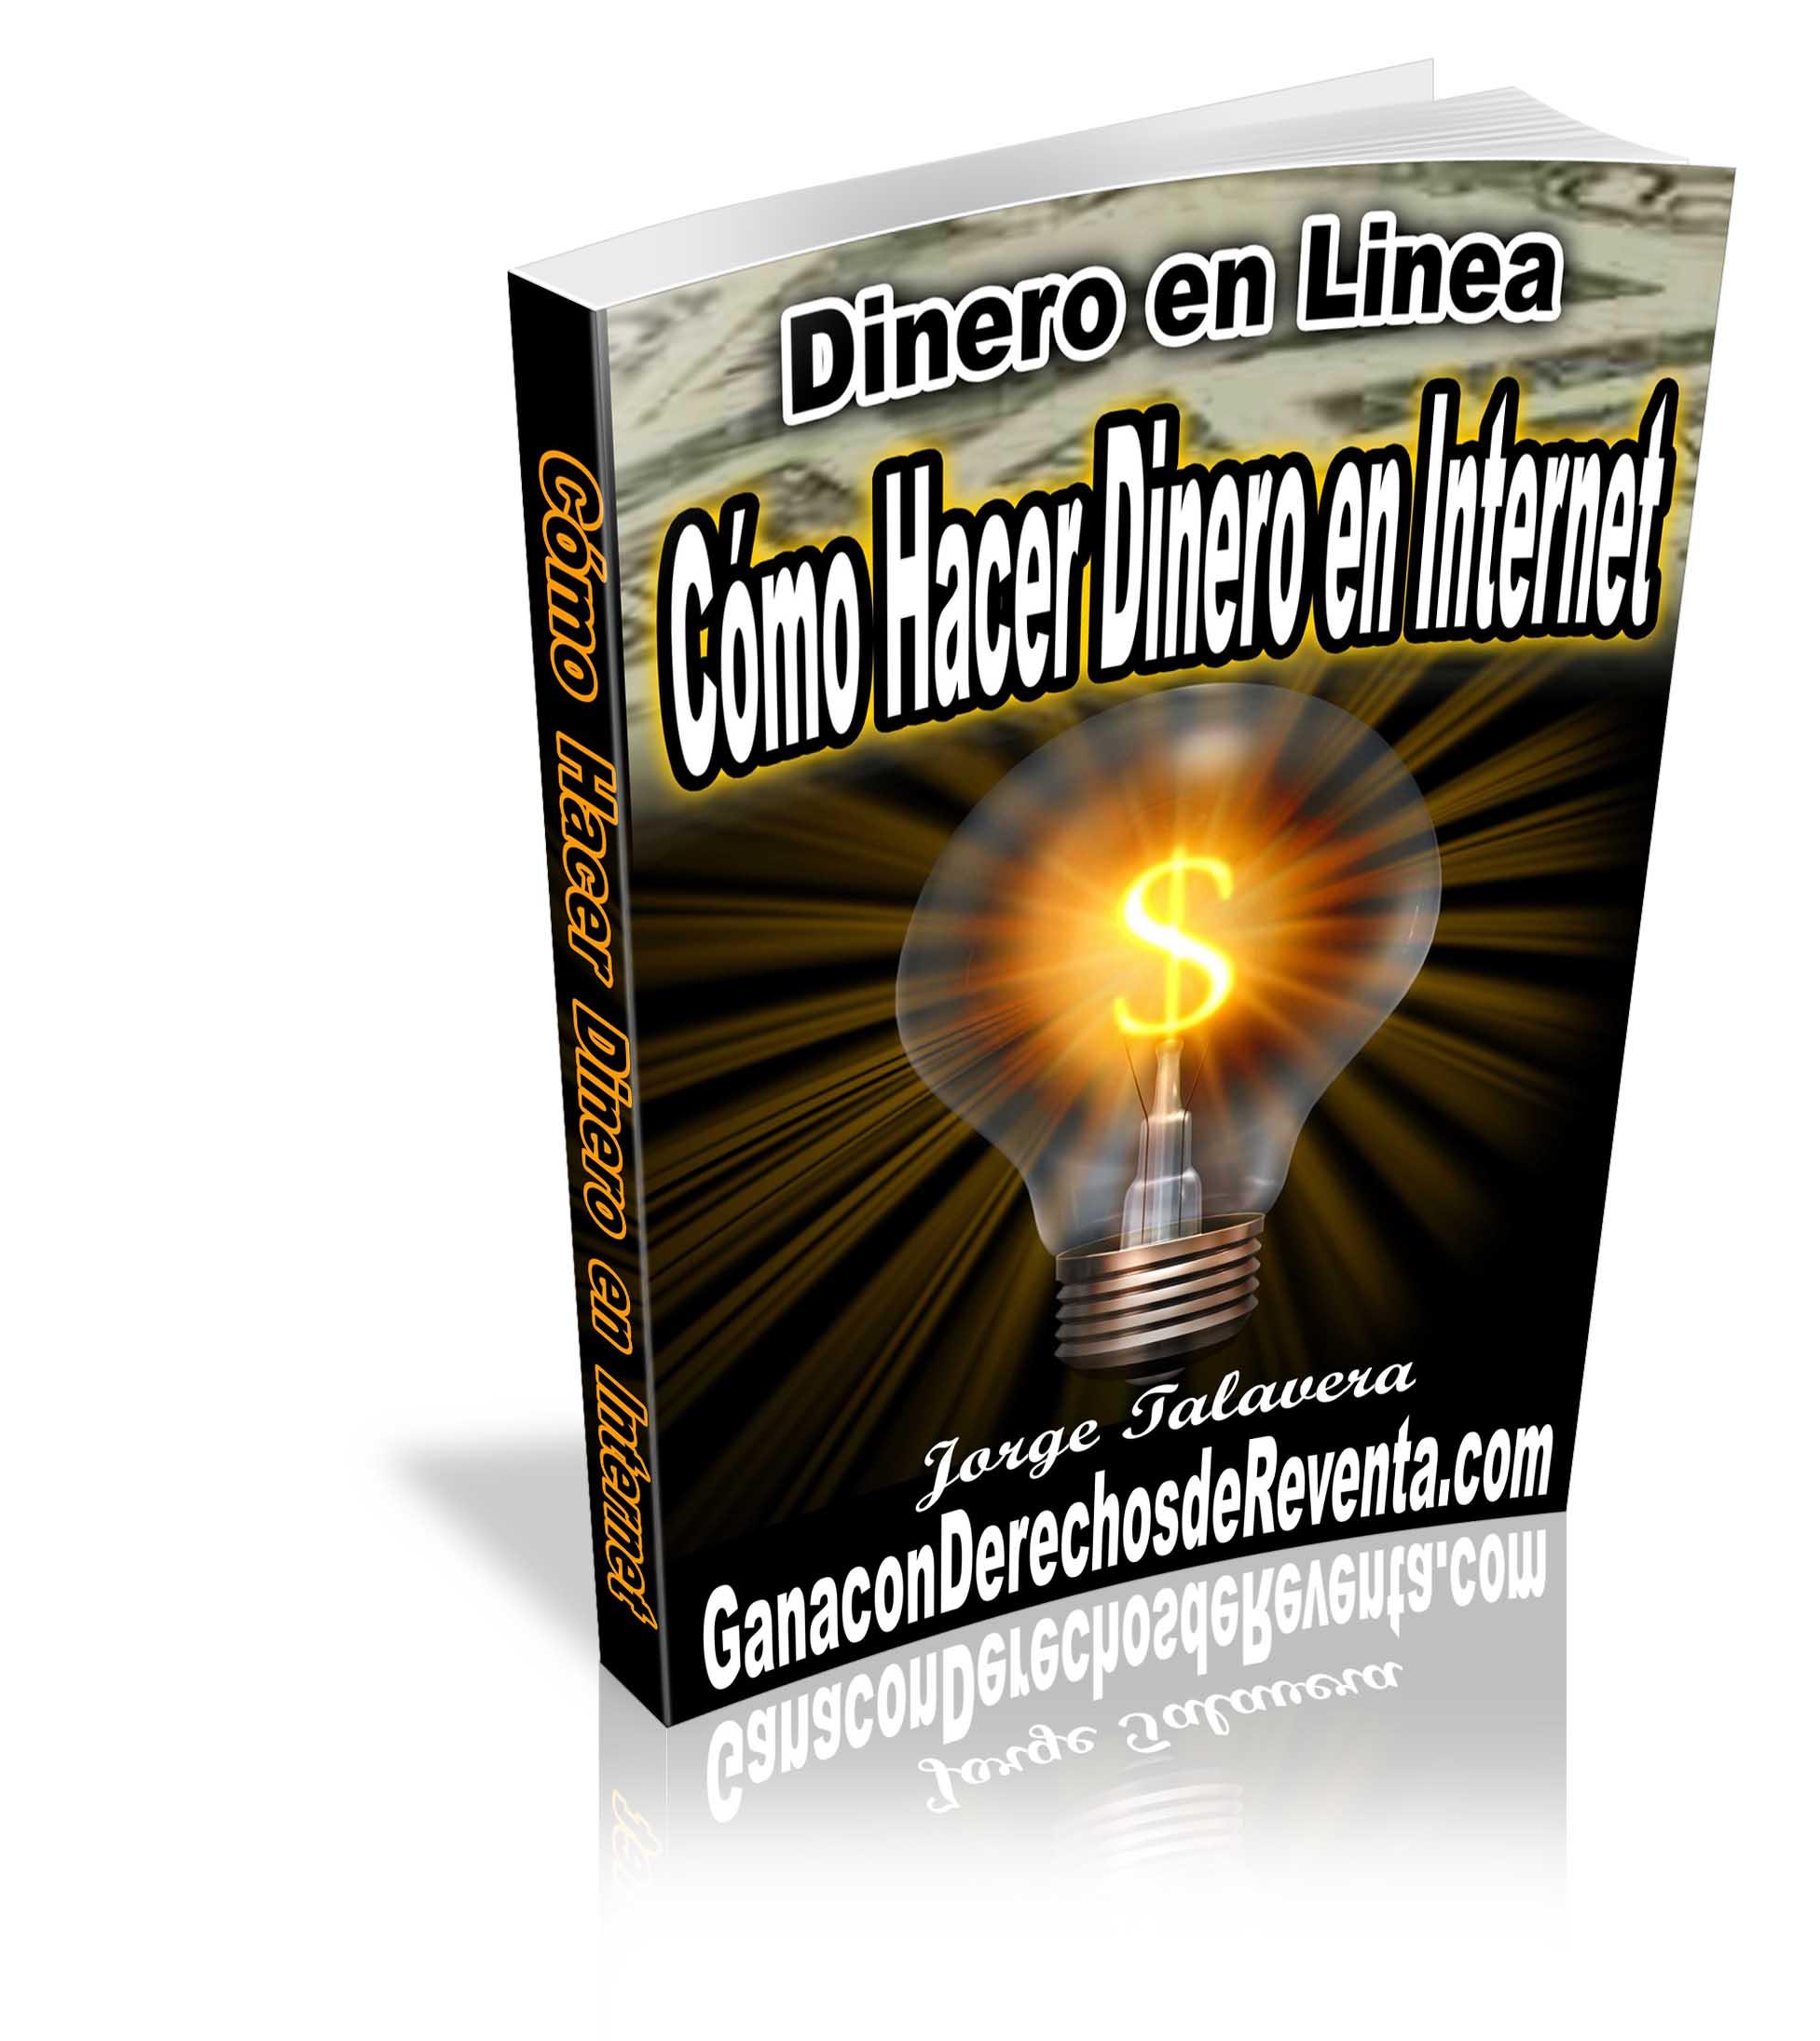 Cómo Hacer Dinero en Linea (2)